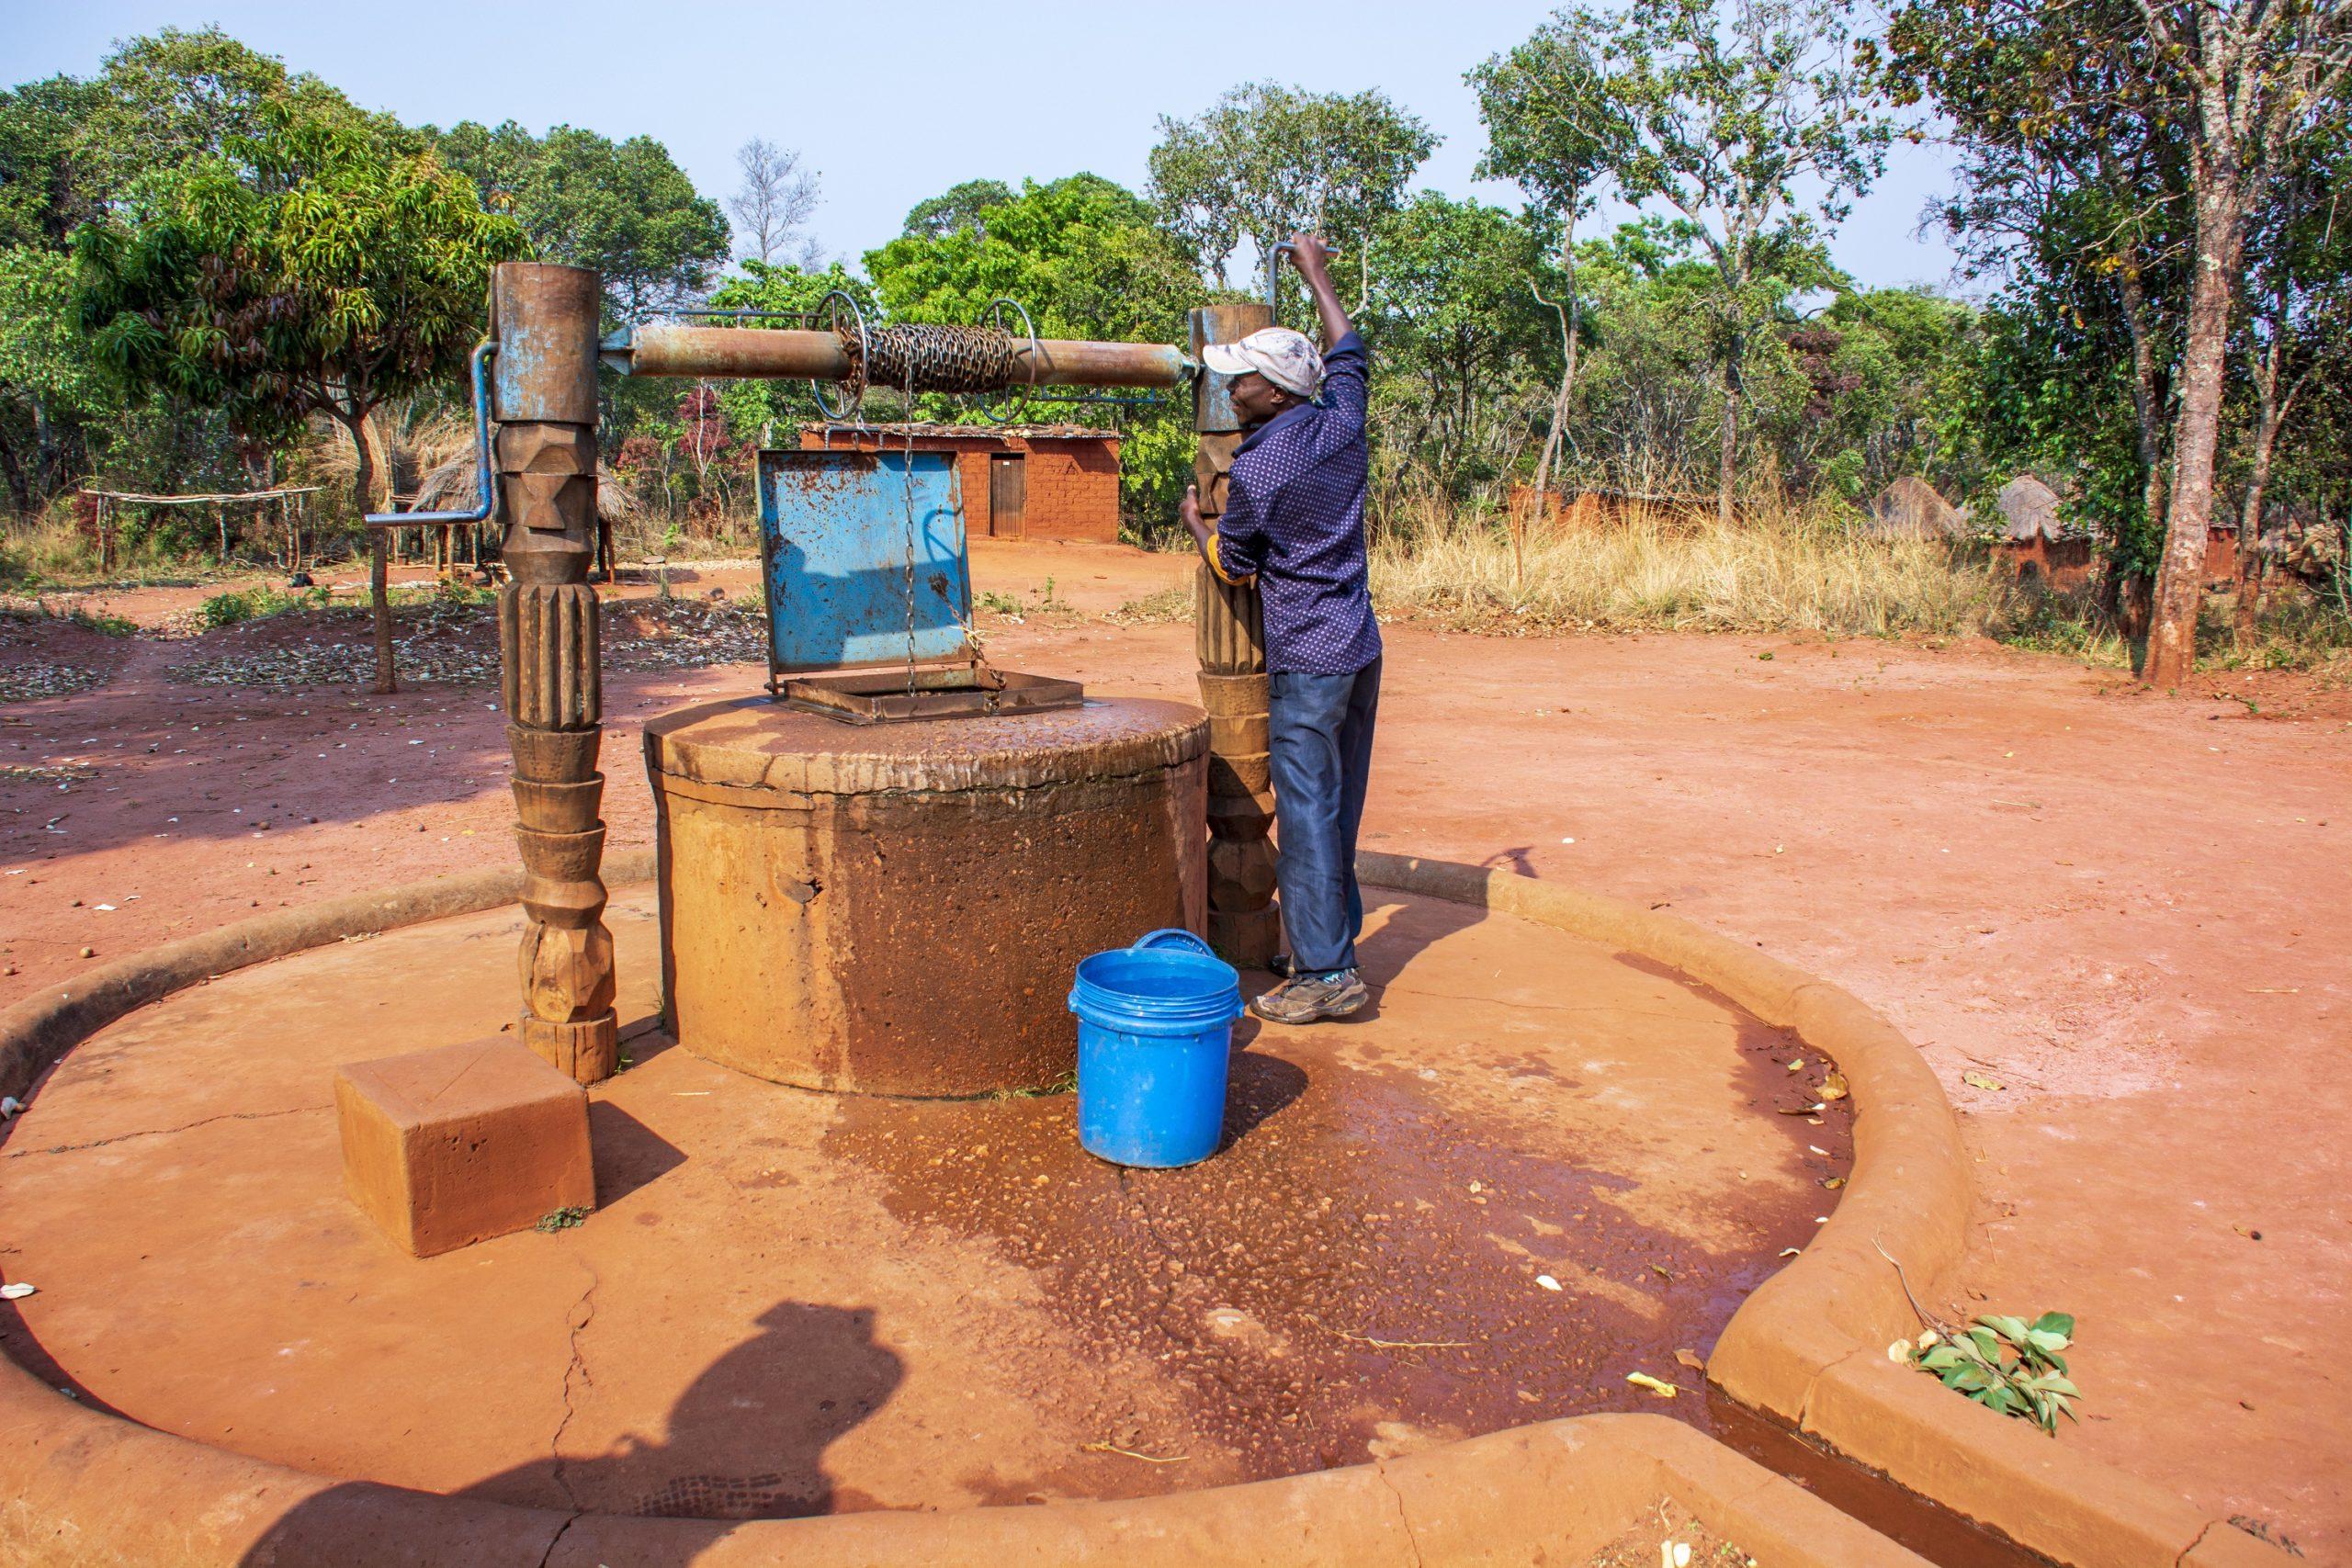 The Source of the Zambezi